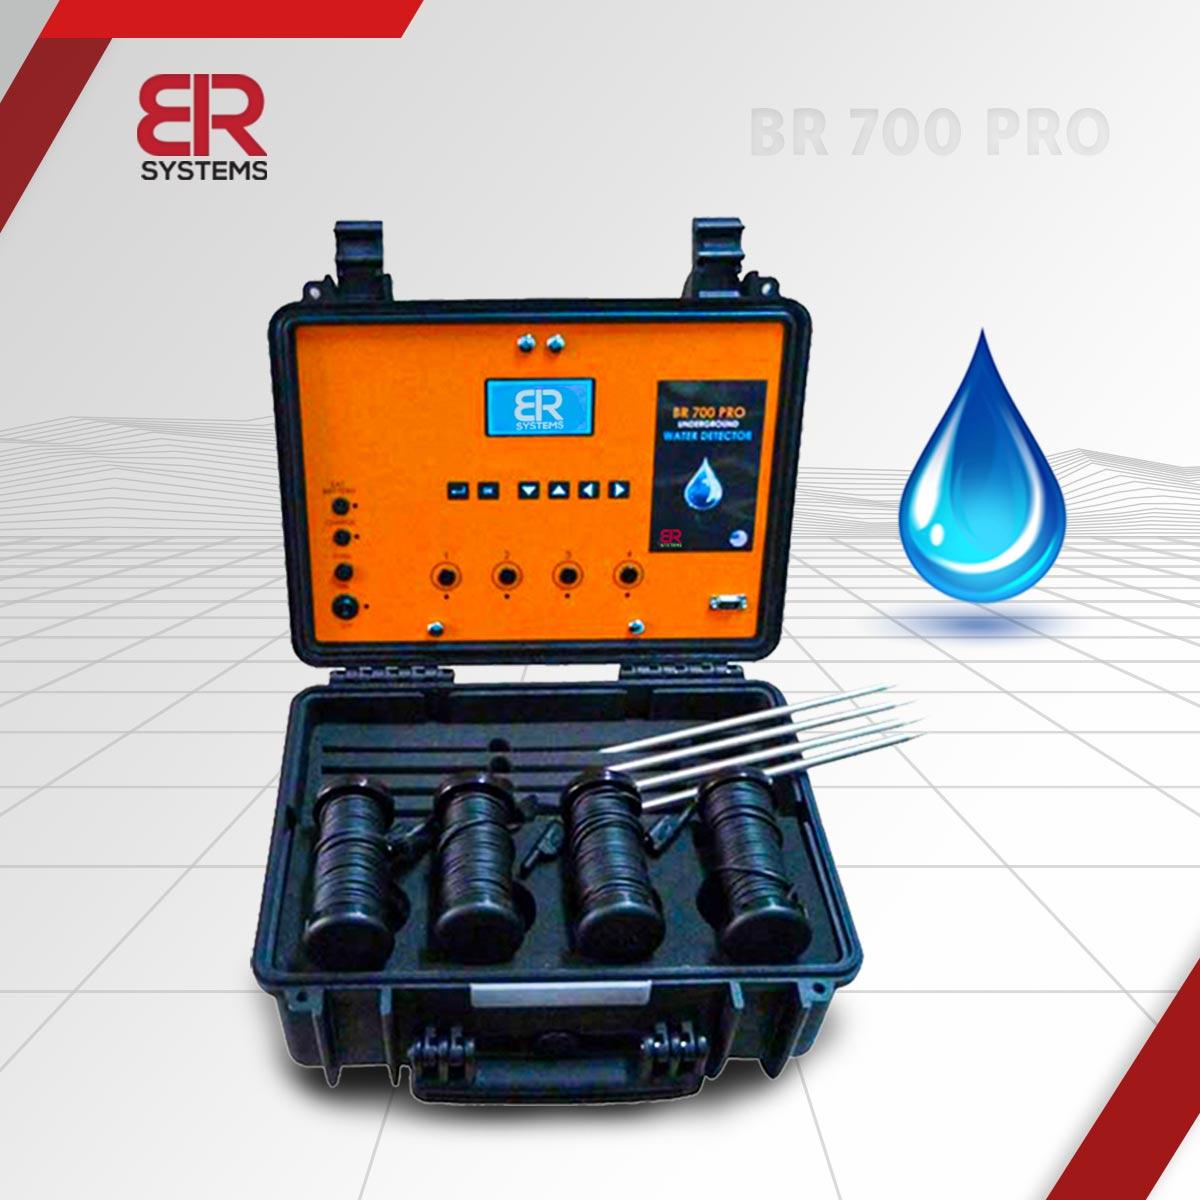 افضل جهاز في العالم لكشف المياه الجوفية والابار تحت الارض ، قم بتحديد مكان المياه واعماقها ونسبة ملوحتها على شاشه الكترونية توضح كل هذا